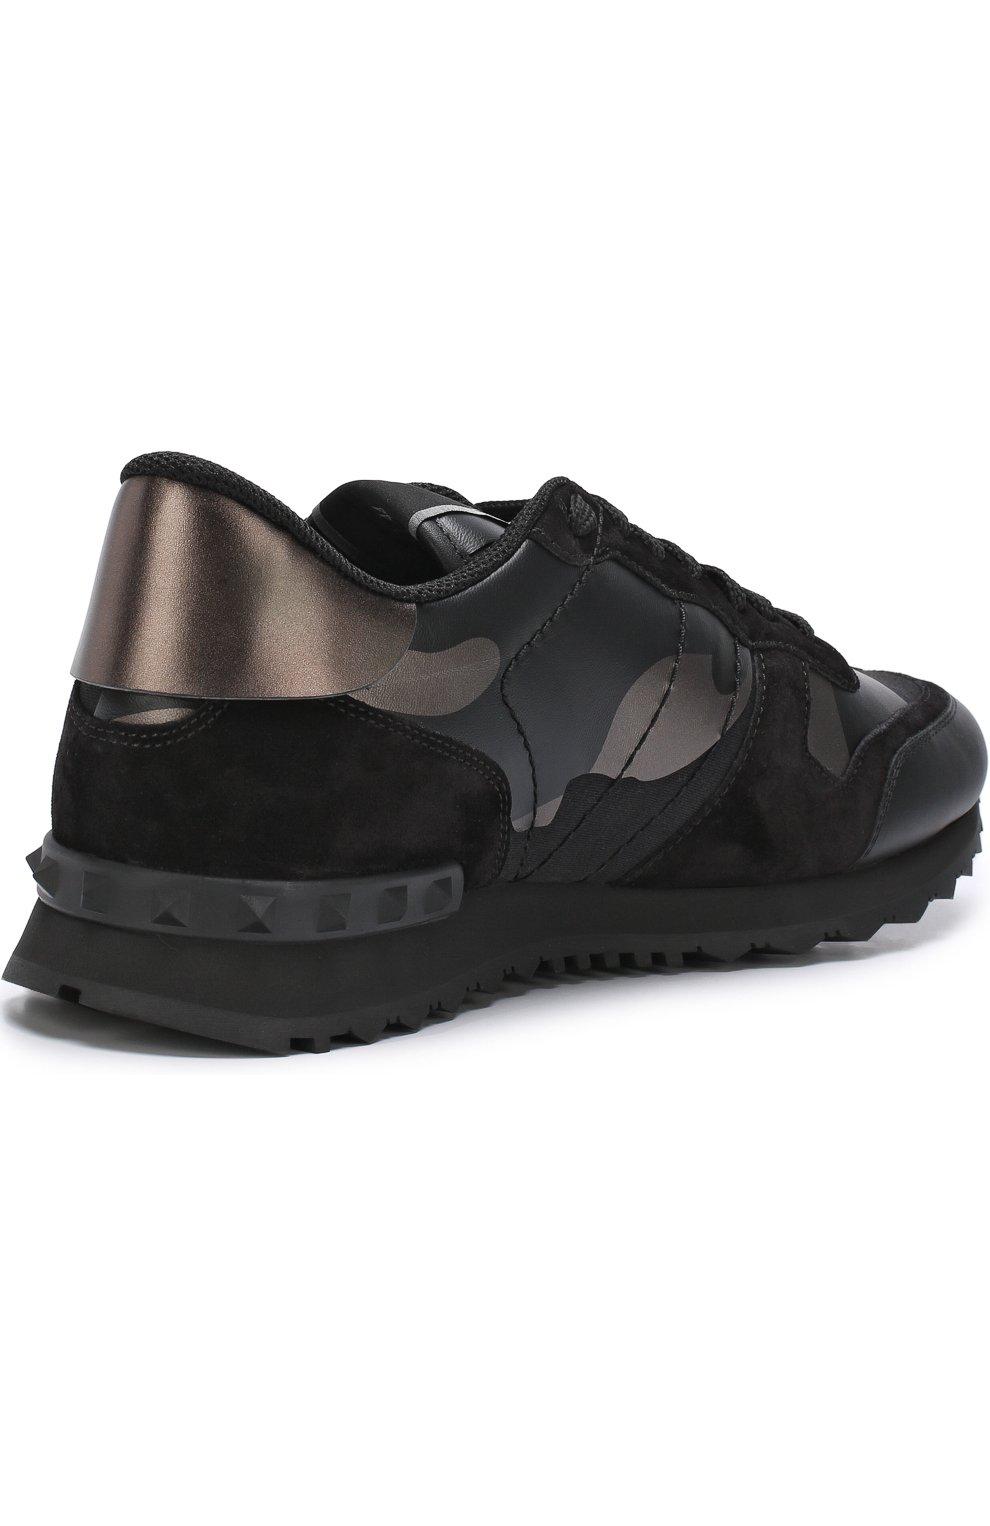 Комбинированные кроссовки Valentino Garavani Rockrunner   Фото №4 234389243ab